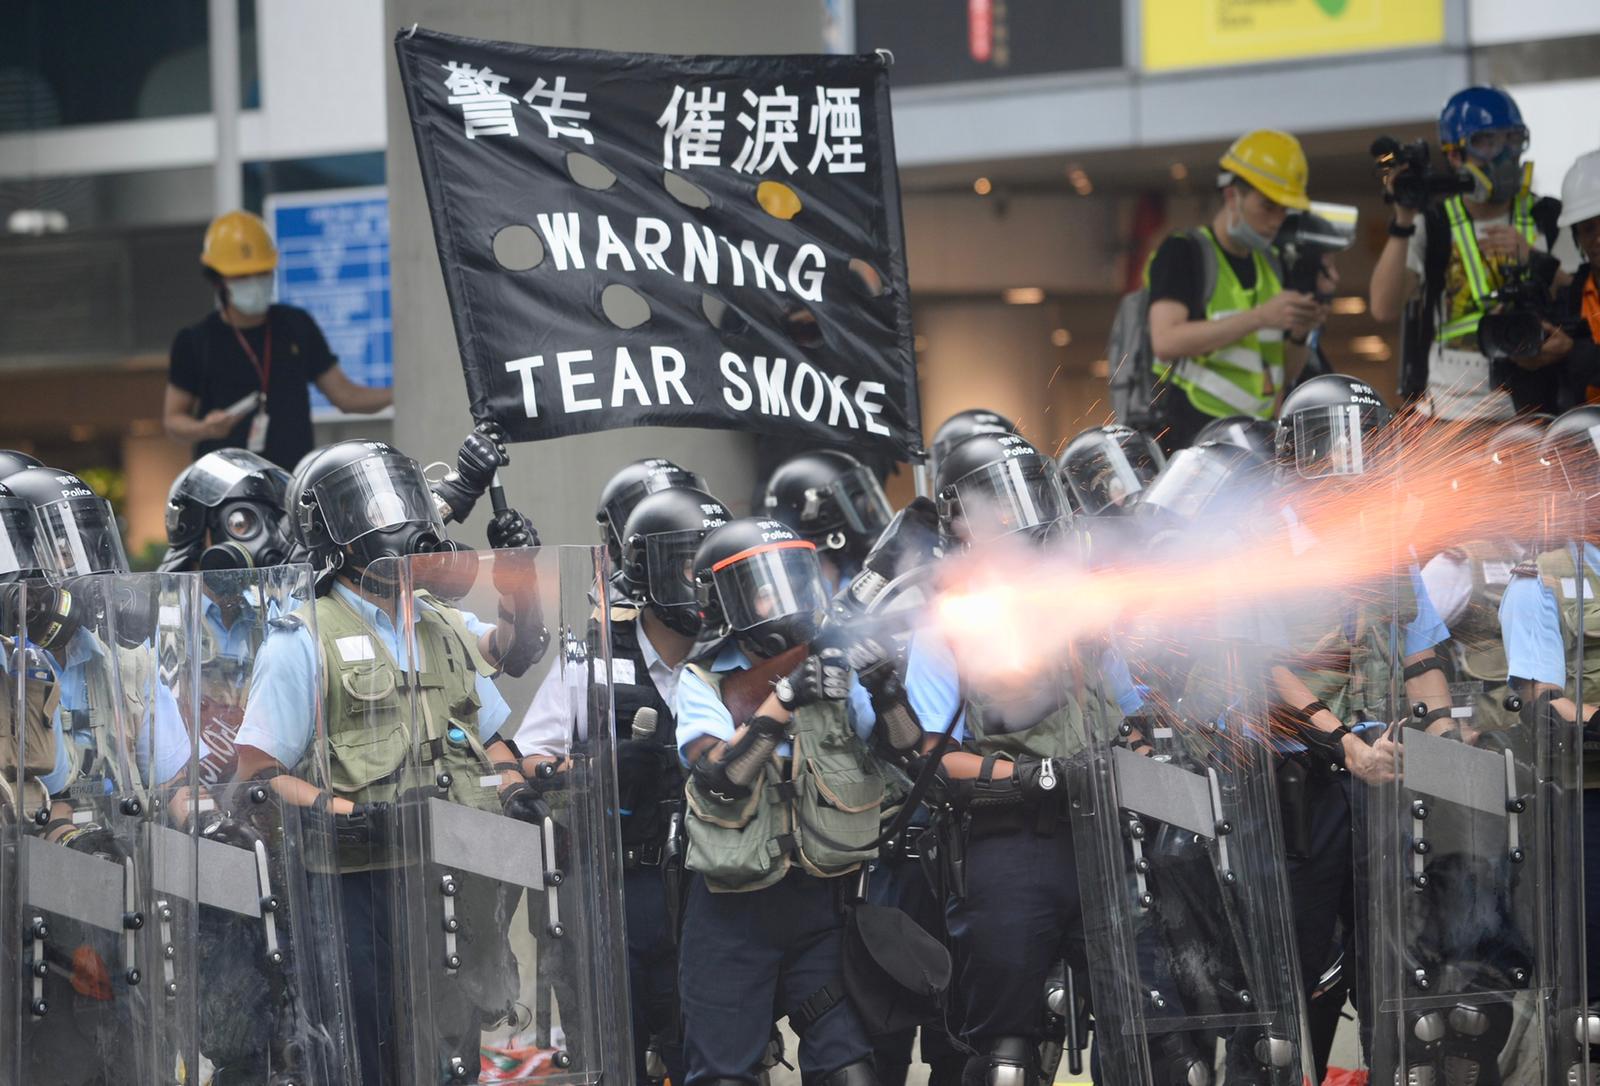 警方6月12日使用催淚彈驅散示威者。資料圖片